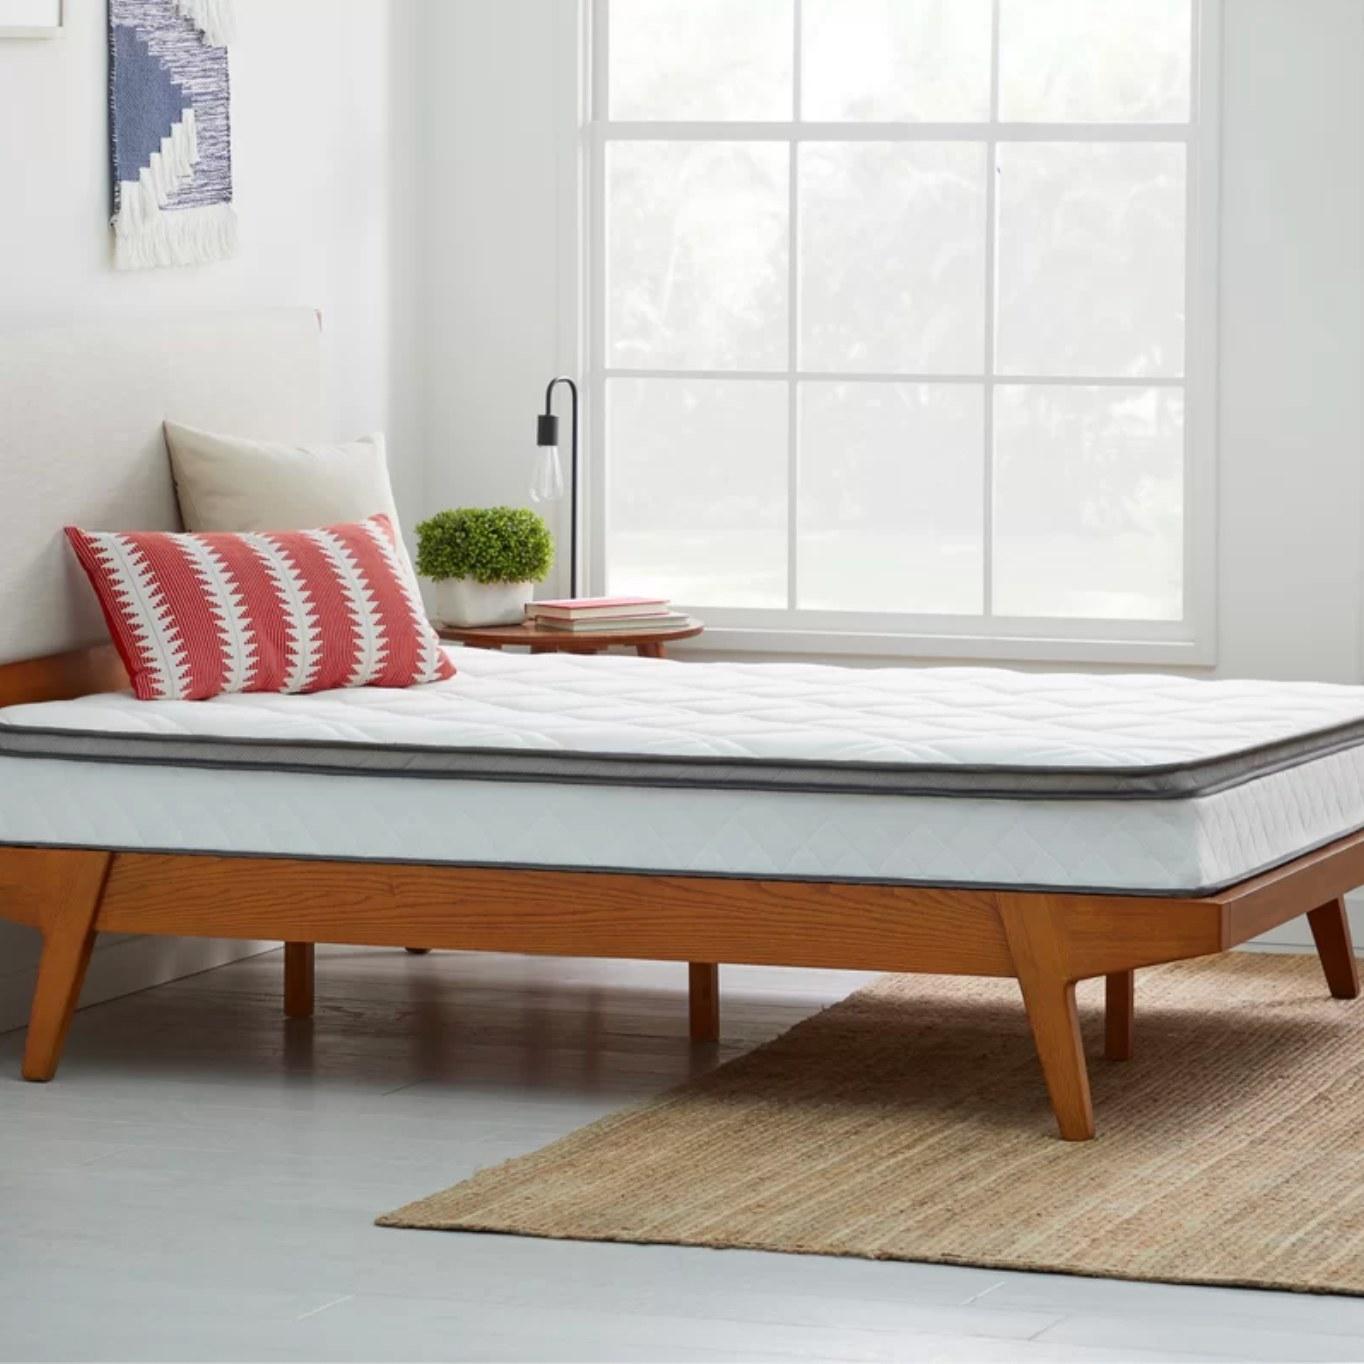 The medium mattress on a wood platform bed frame